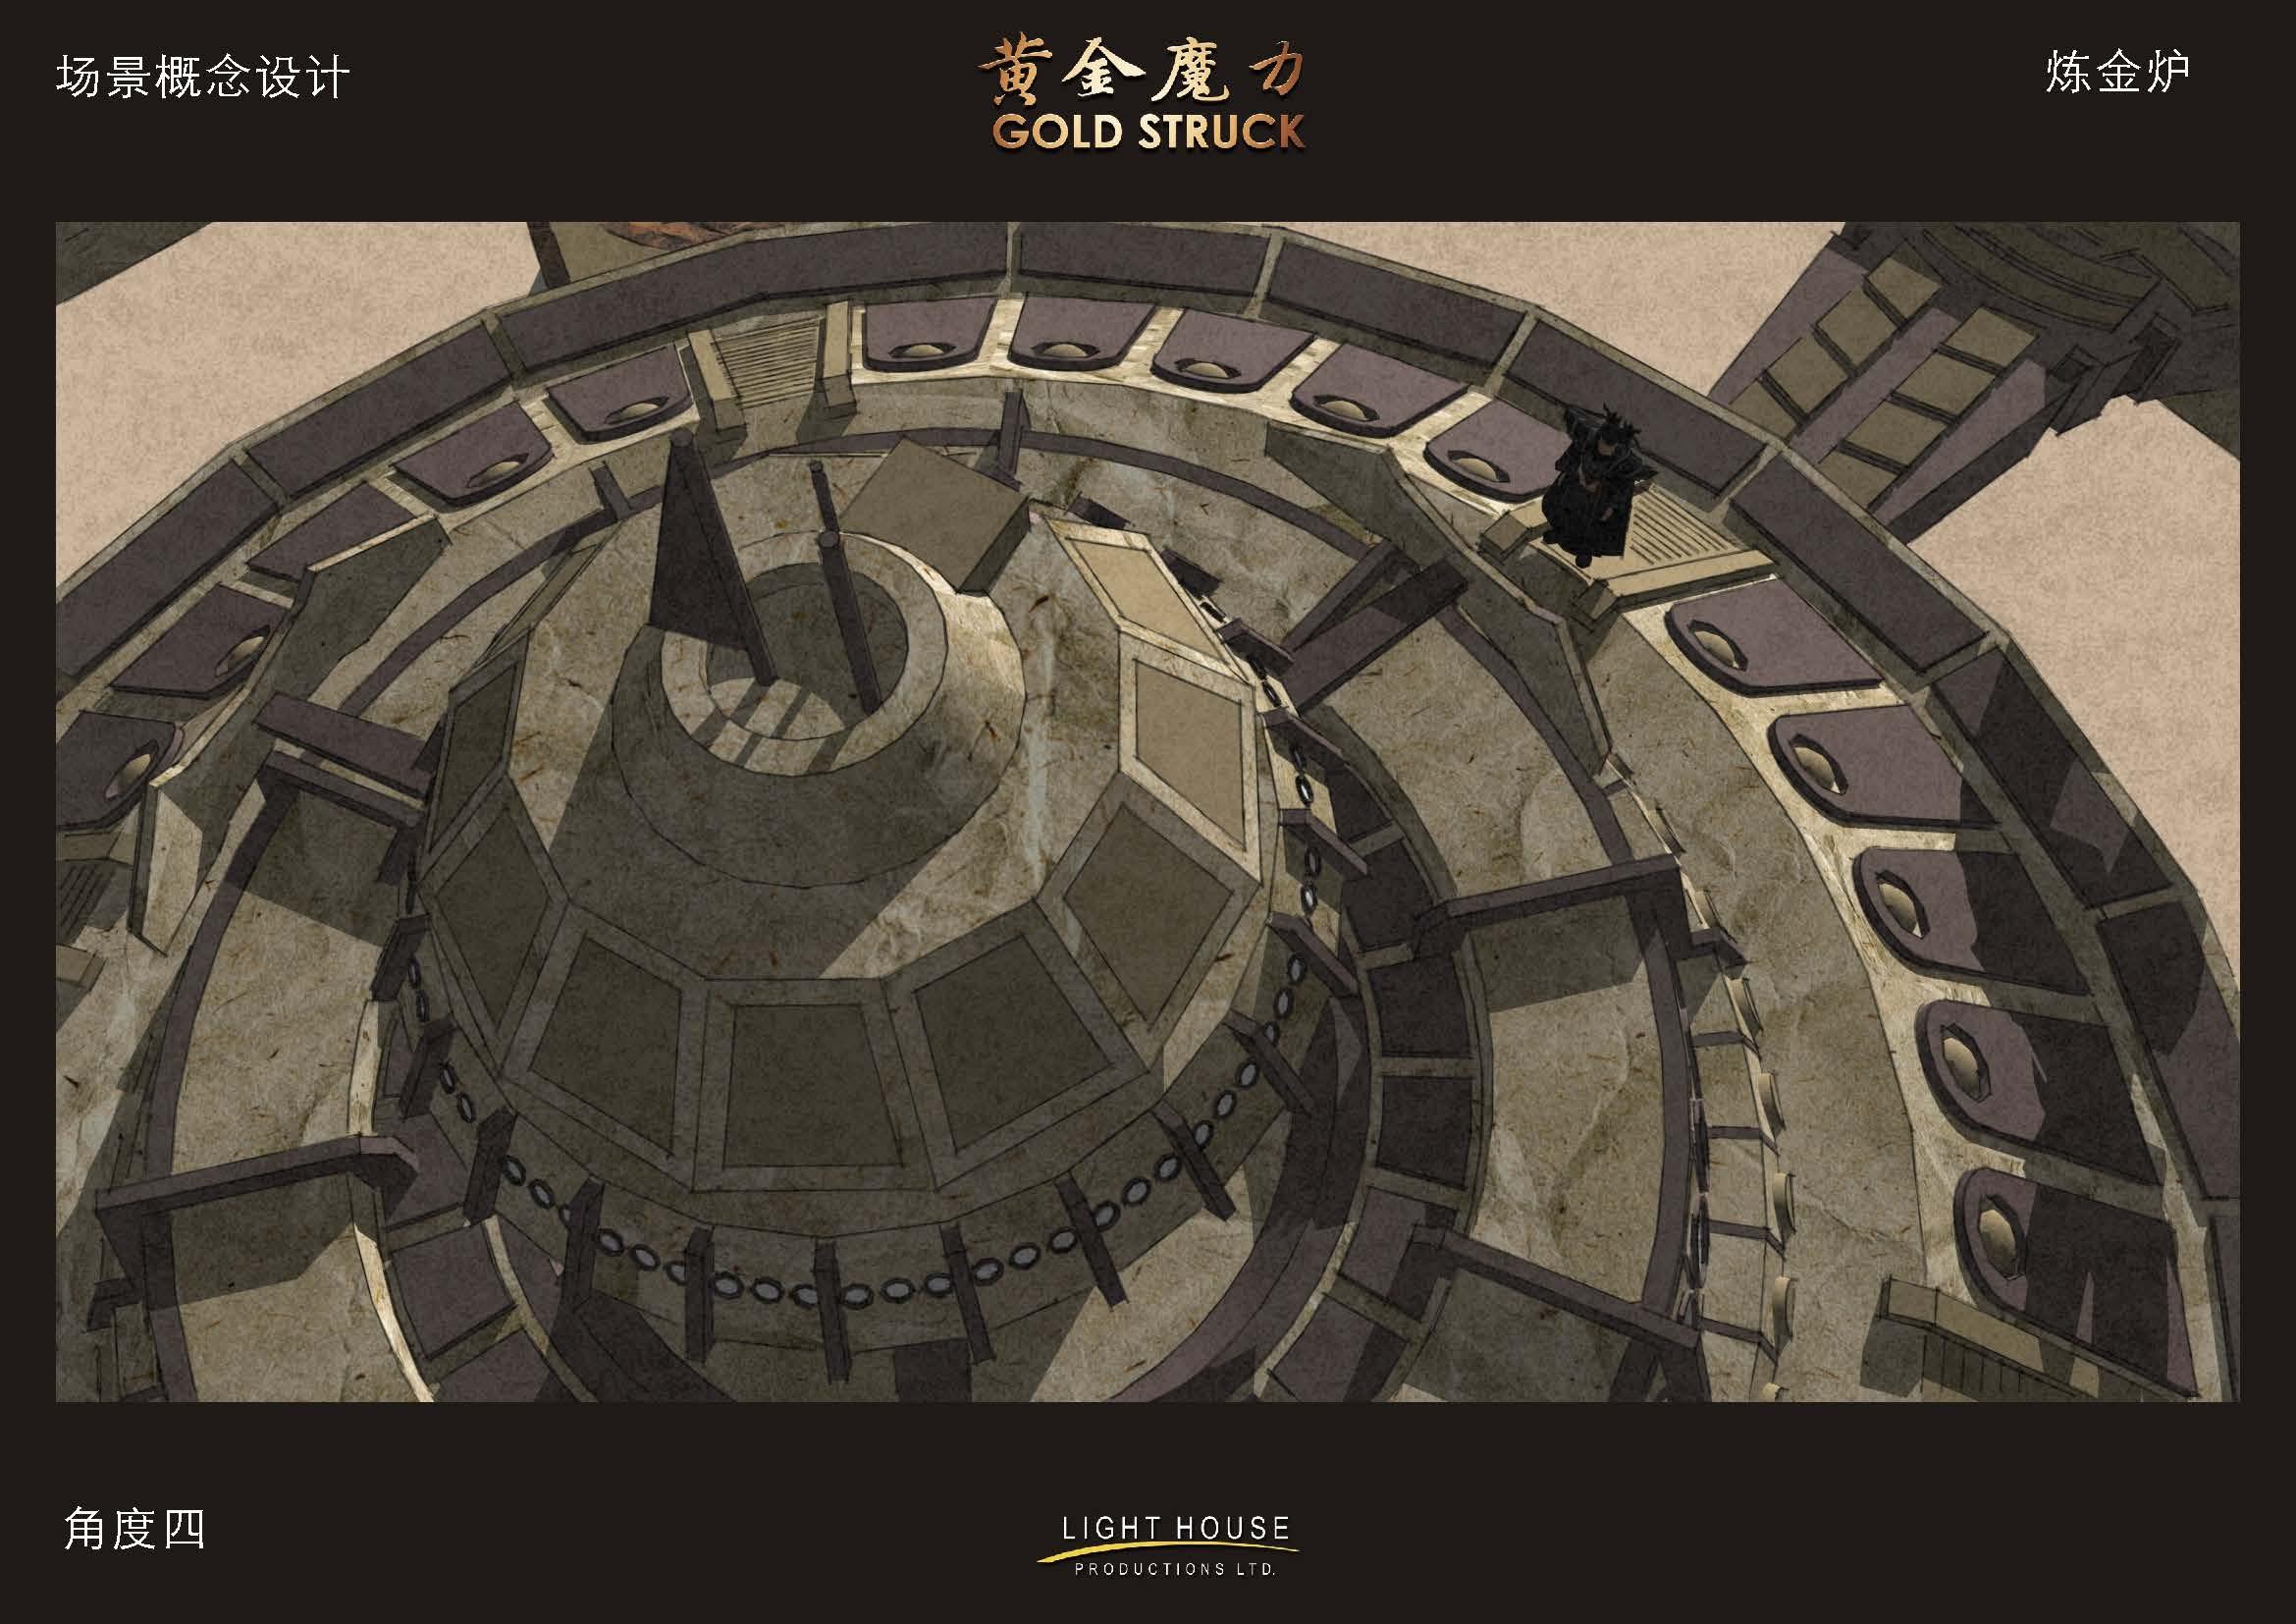 黄金魔力电影概念设计图横版_页面_05.jpg